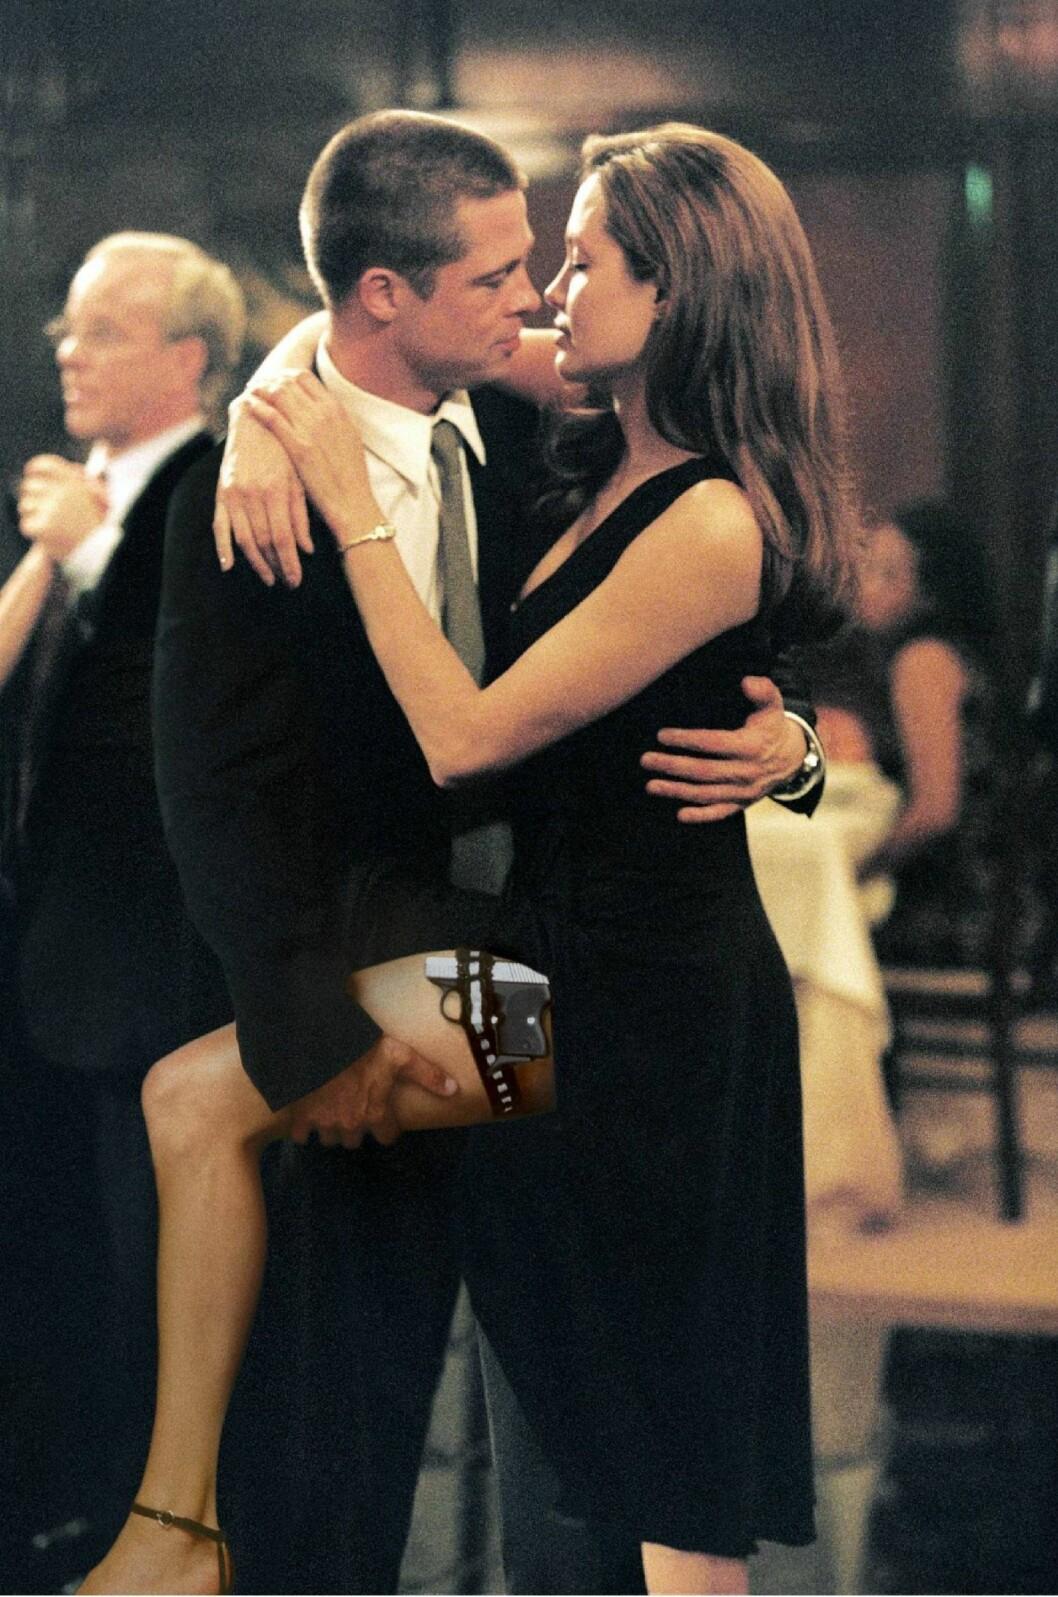 FILMEN SOM FORANDRET ALT: Hollywood-skuespillerne Brad Pitt og Angelina Jolie møttes for første gang da de spilte i filmen «Mr. and Mrs. Smith» i 2004. Filmen hadde premiere året etter. Pitt var på dette tidspunktet gift med Hollywood-skuespiller Jennifer Aniston. Skilsmissen var et faktum i januar 2005 - etter et år med romansespekulasjoner mellom Pitt og Jolie. I dag er de to gift, og har seks barn sammen. Foto: NTB Scanpix